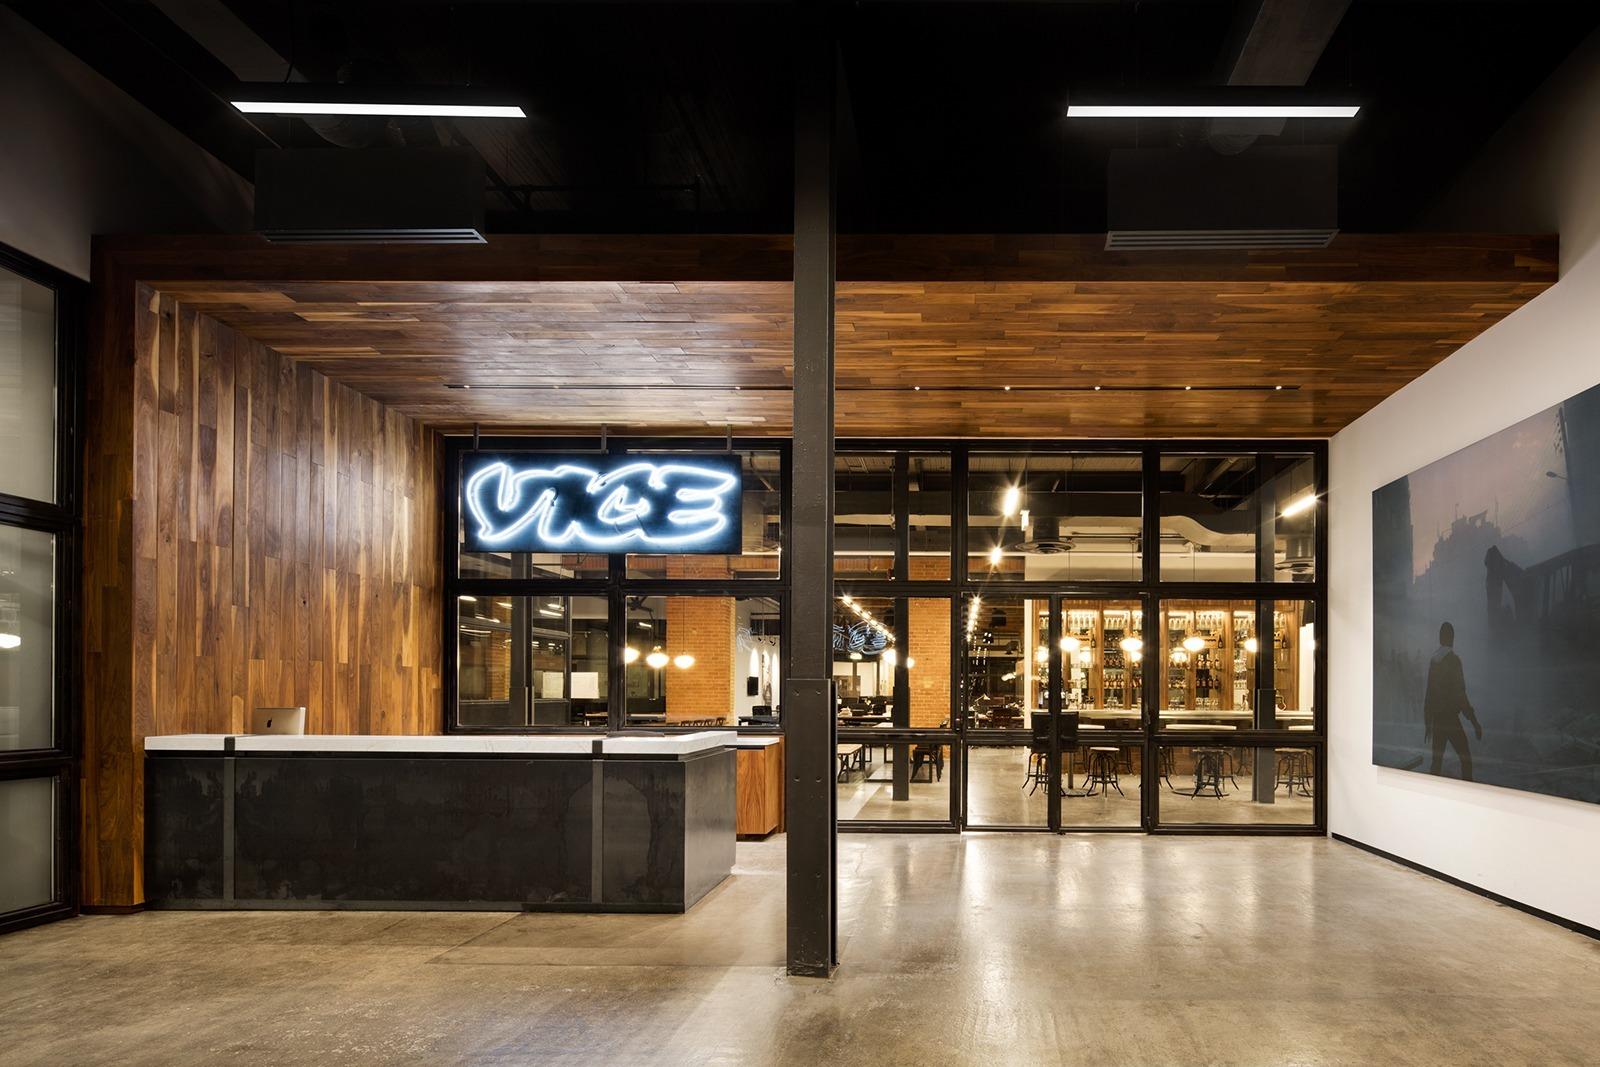 Vice_01